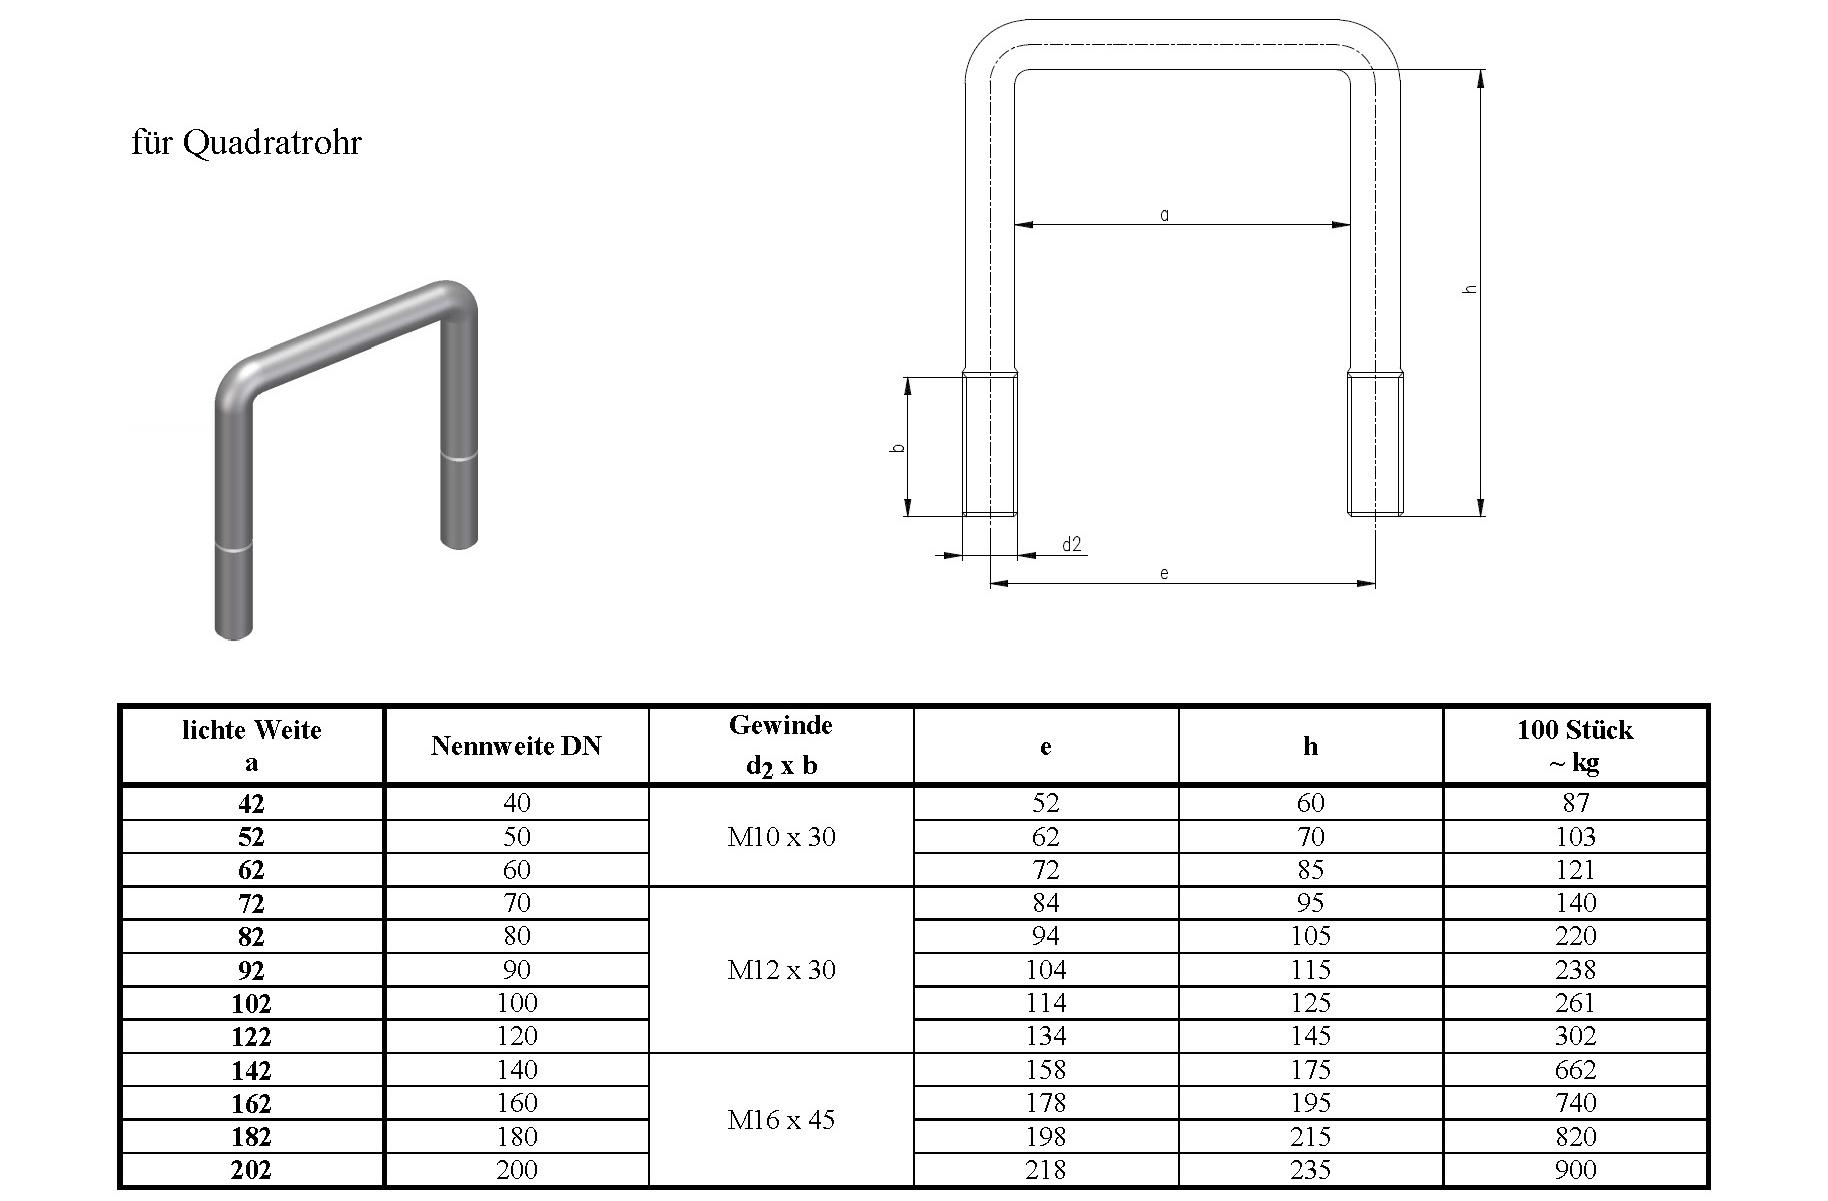 Quadratrohr-Datenblatt